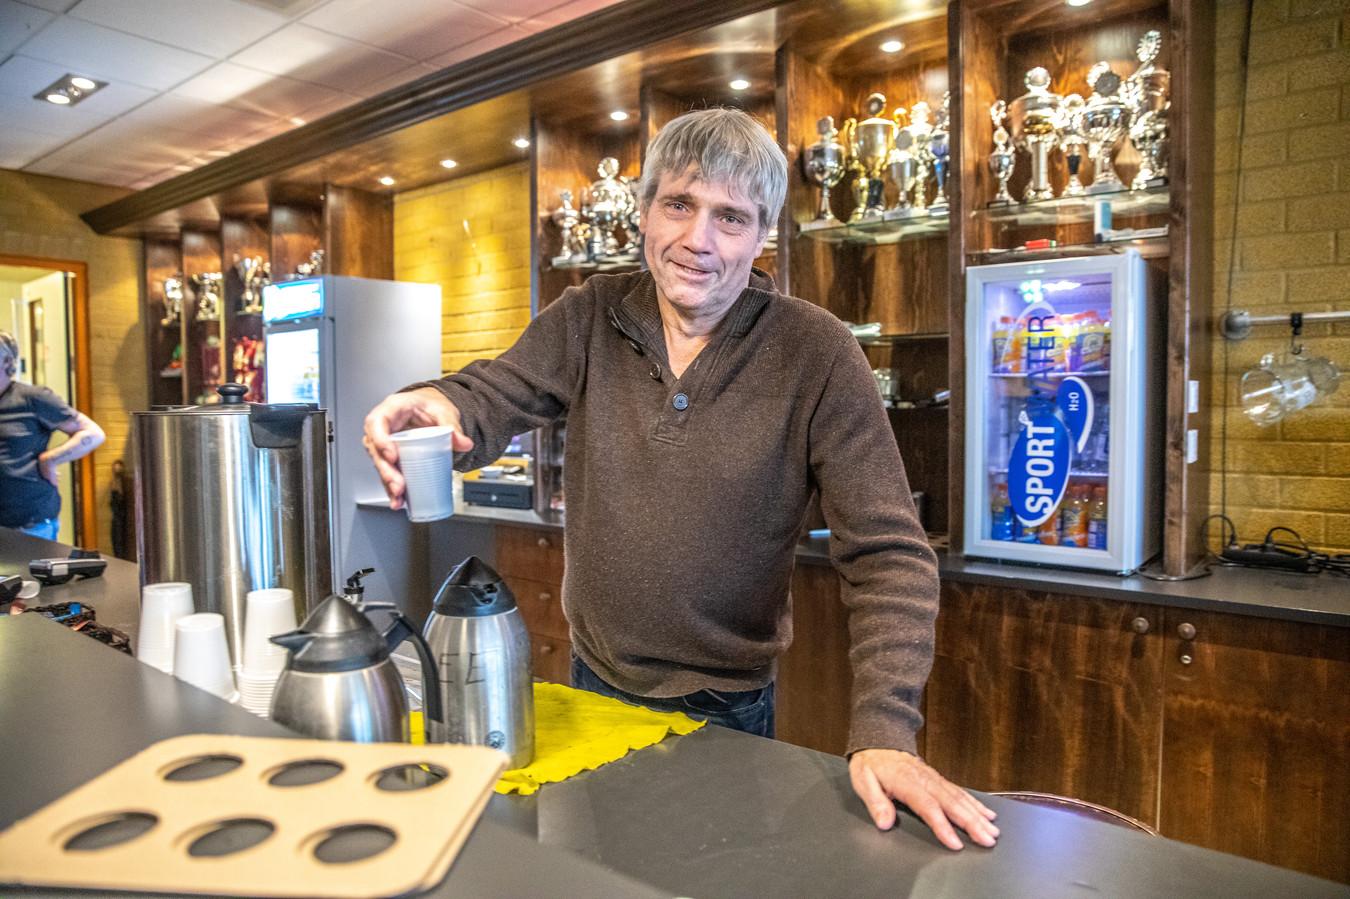 Achter de bar bij CSV'28 in Zwolle: erelid en vrijwilliger van het eerste uur John Balster doet het graag. Maar de club verplicht nu iedereen die aan de vereniging verbonden is om vrijwilligerswerk te doen.